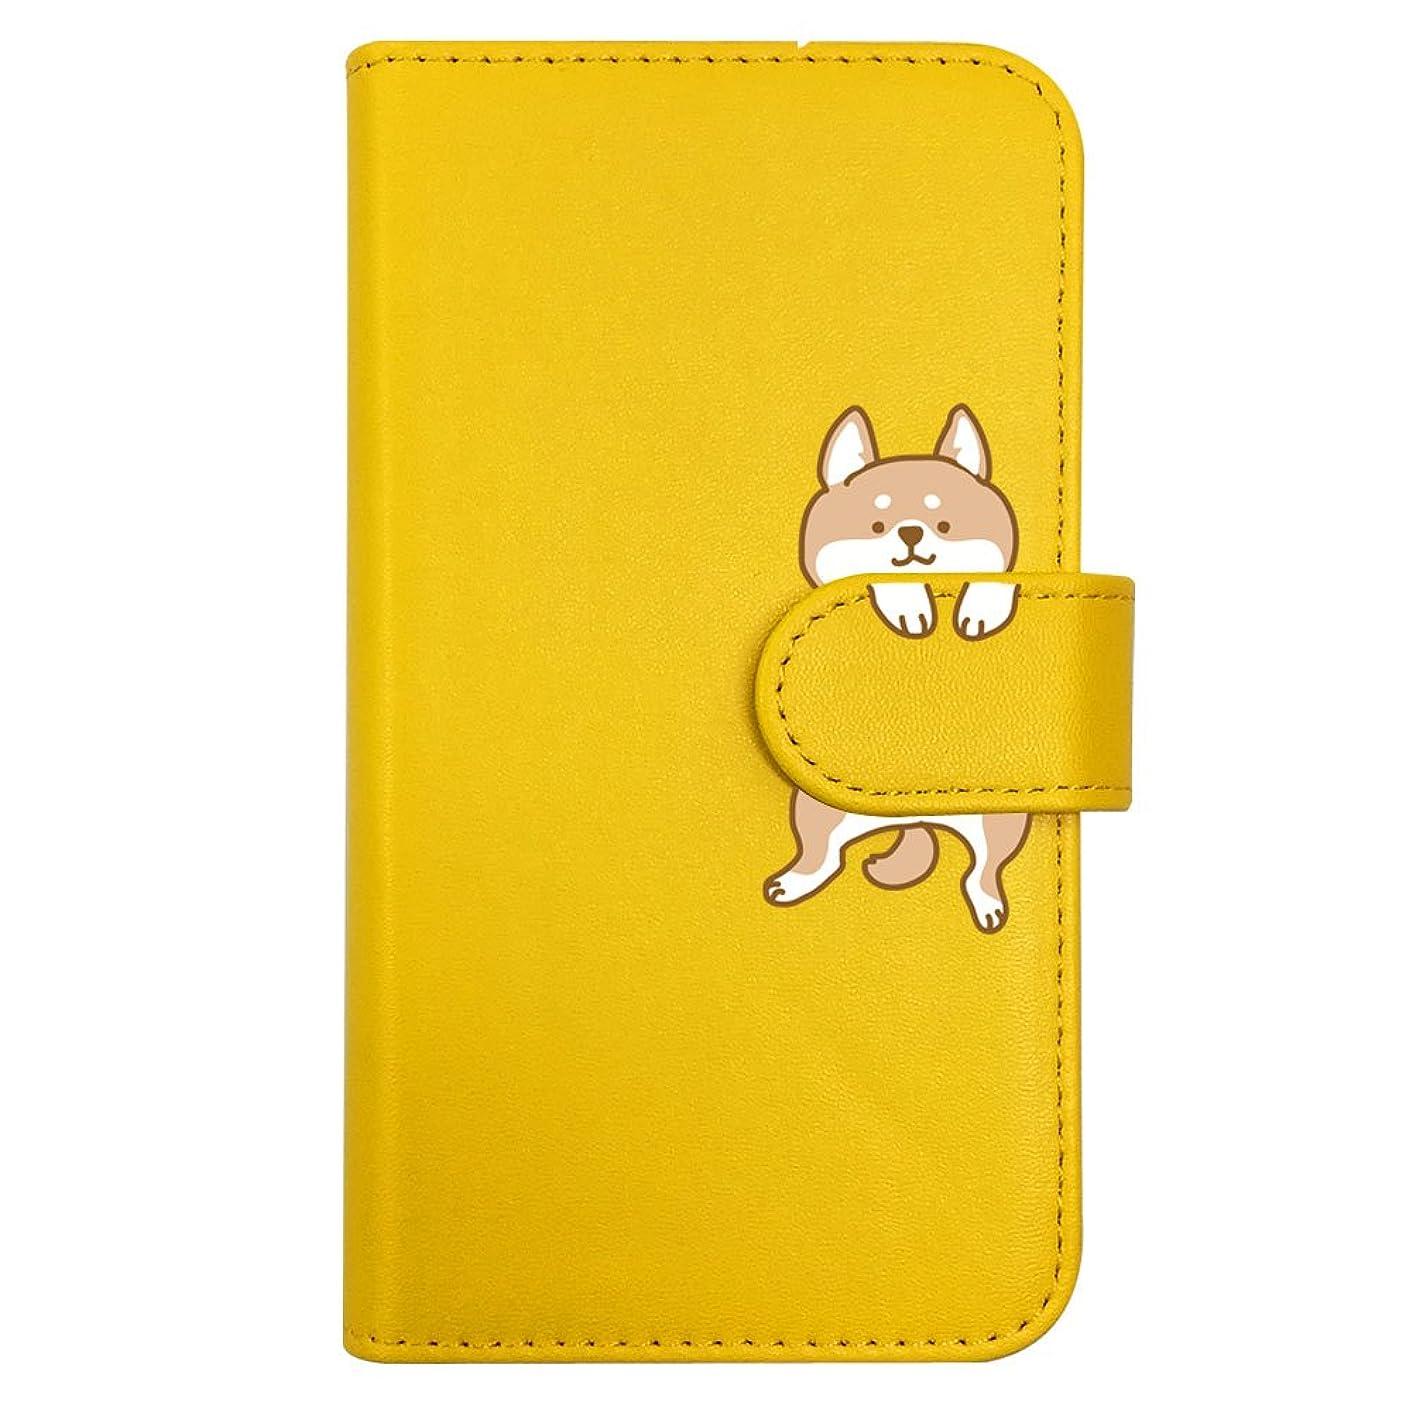 チャールズキージングトーストメイン【moimoikka】 iPod touch6 アイポッドタッチ6 手帳型 スマホ ケース 柴犬 動物 キャラクター かわいい (イエロー) 犬 イヌ アニマル ダイアリータイプ 横開き カード収納 フリップ カバー スマートフォン モイモイッカ もいもいっか sslink